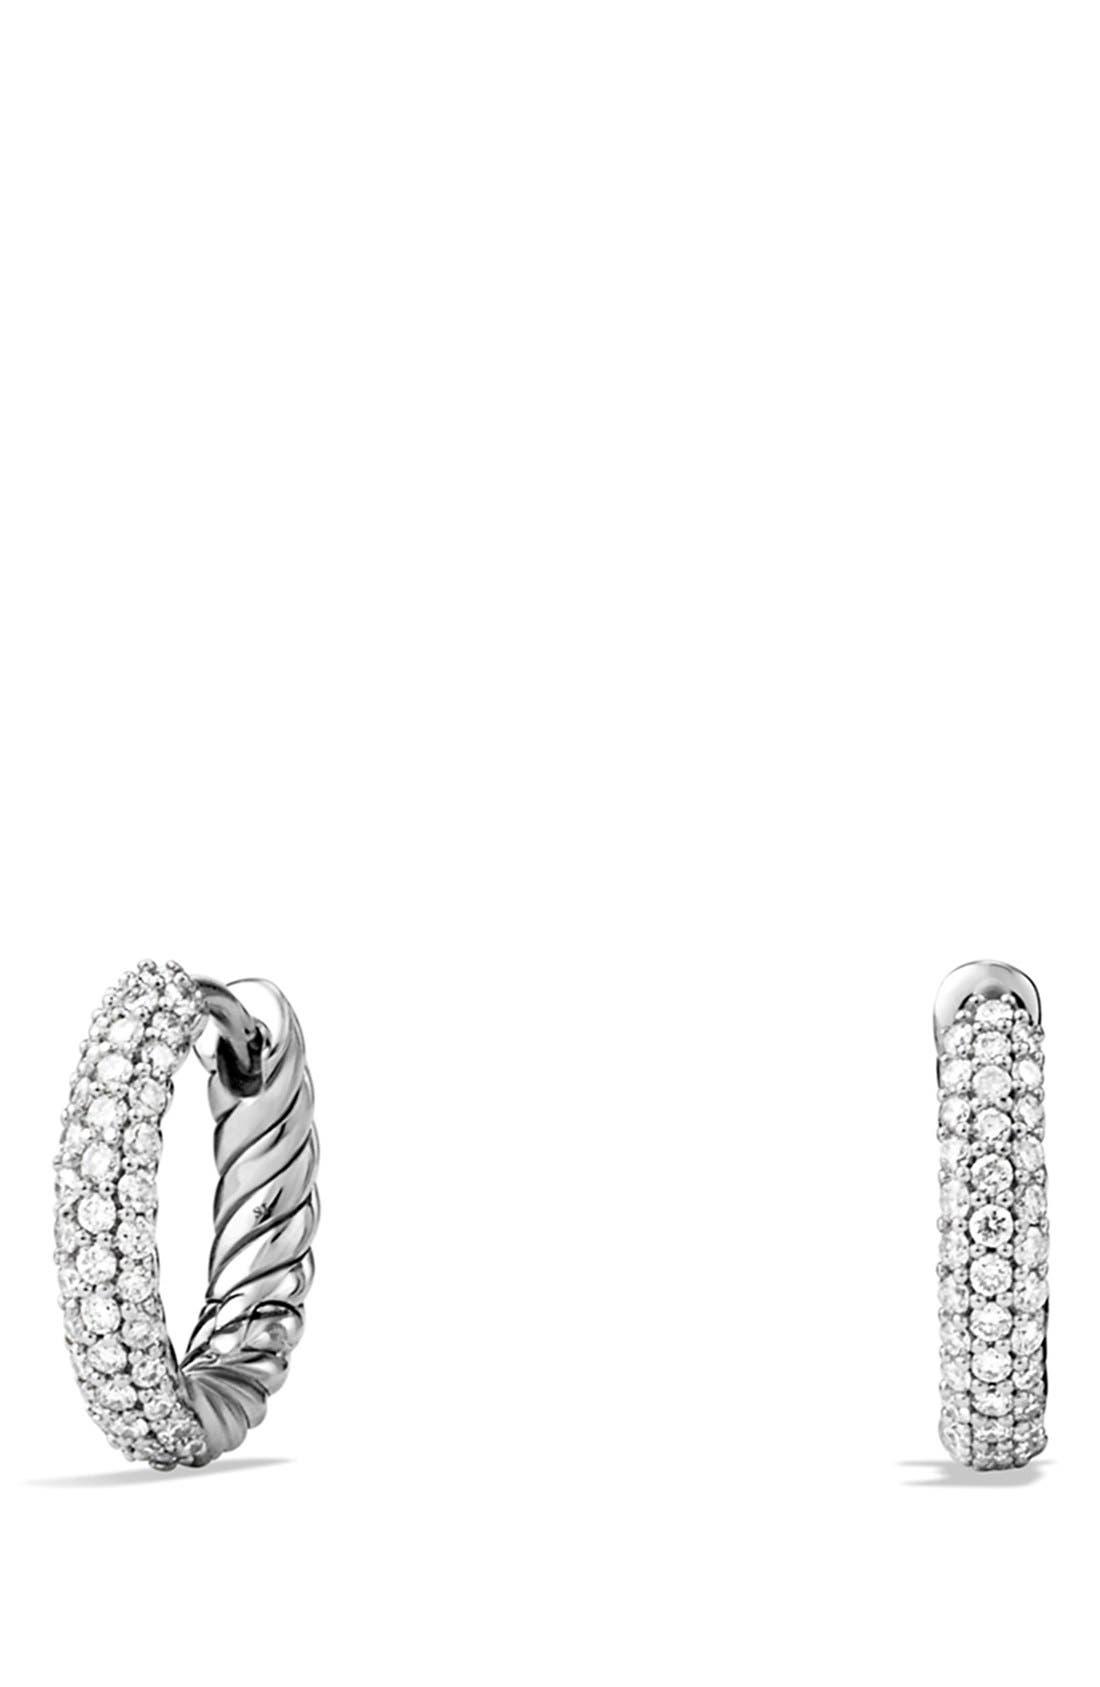 Petite Pavé Earrings with Diamonds,                         Main,                         color, DIAMOND